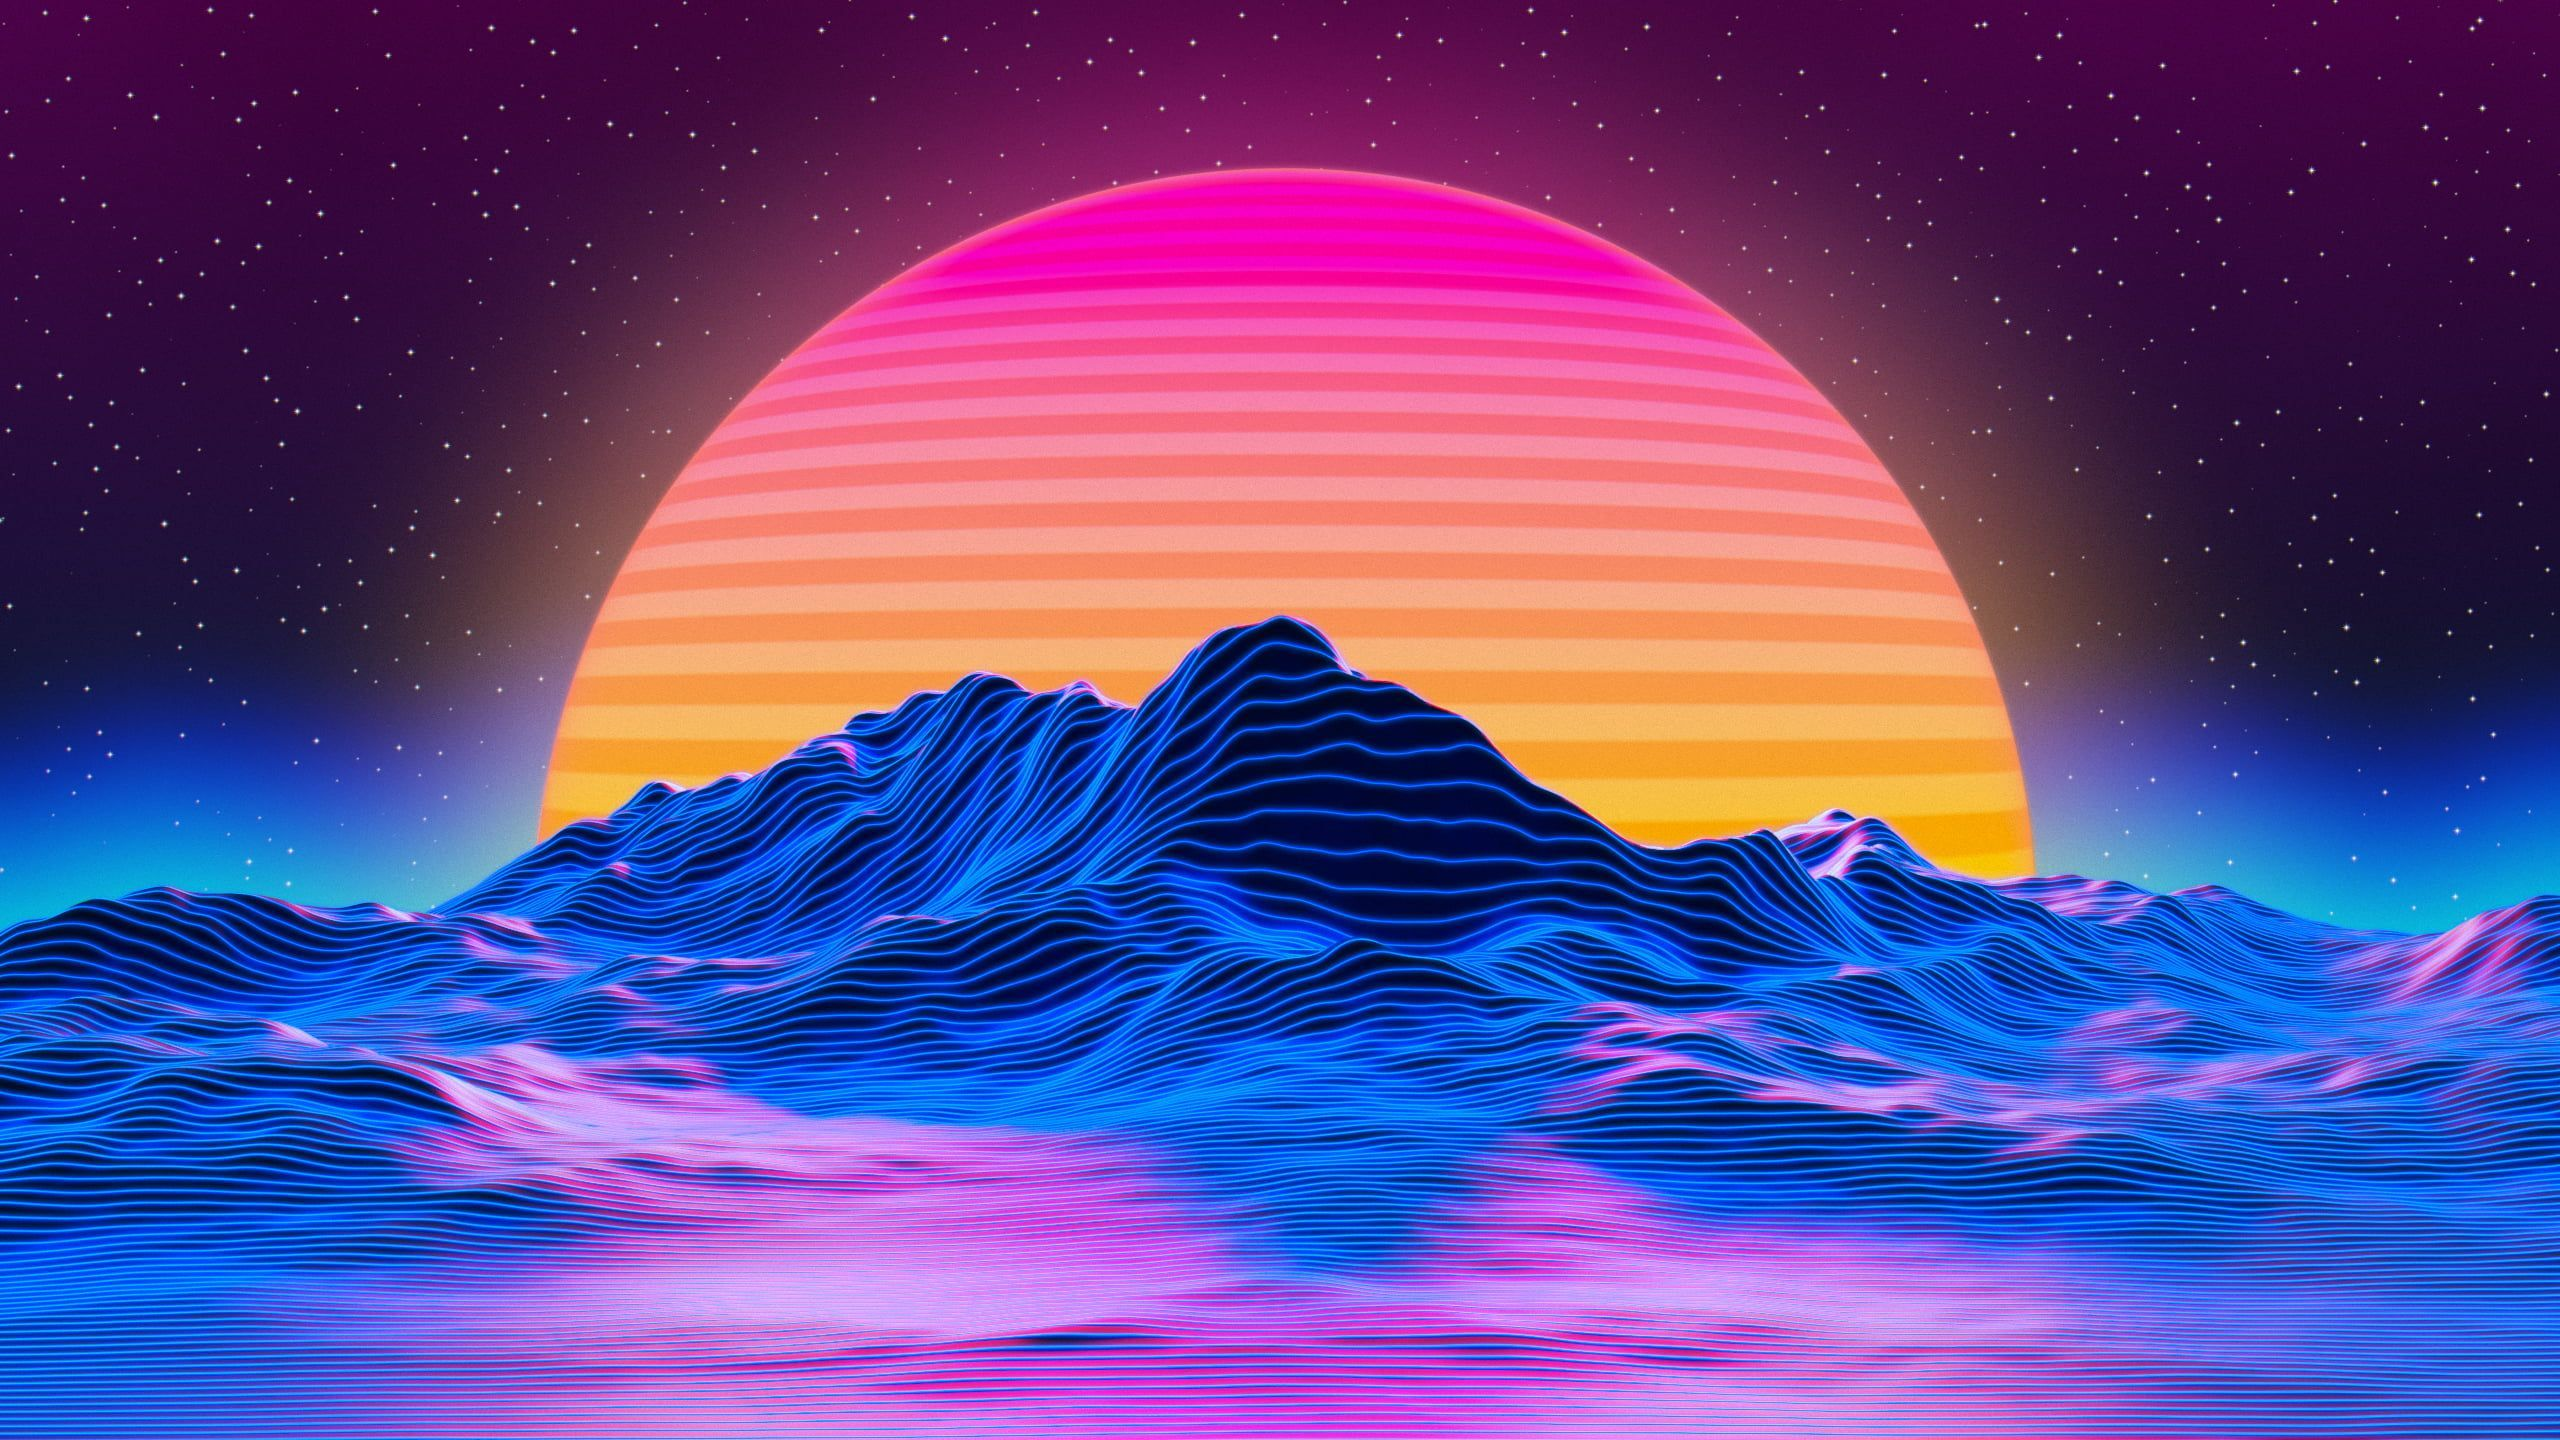 Outrun Vaporwave 2k Wallpaper Hdwallpaper Desktop Desktop Hdwallpaper Outrun In 2020 Desktop Wallpaper Art Aesthetic Desktop Wallpaper Vaporwave Wallpaper